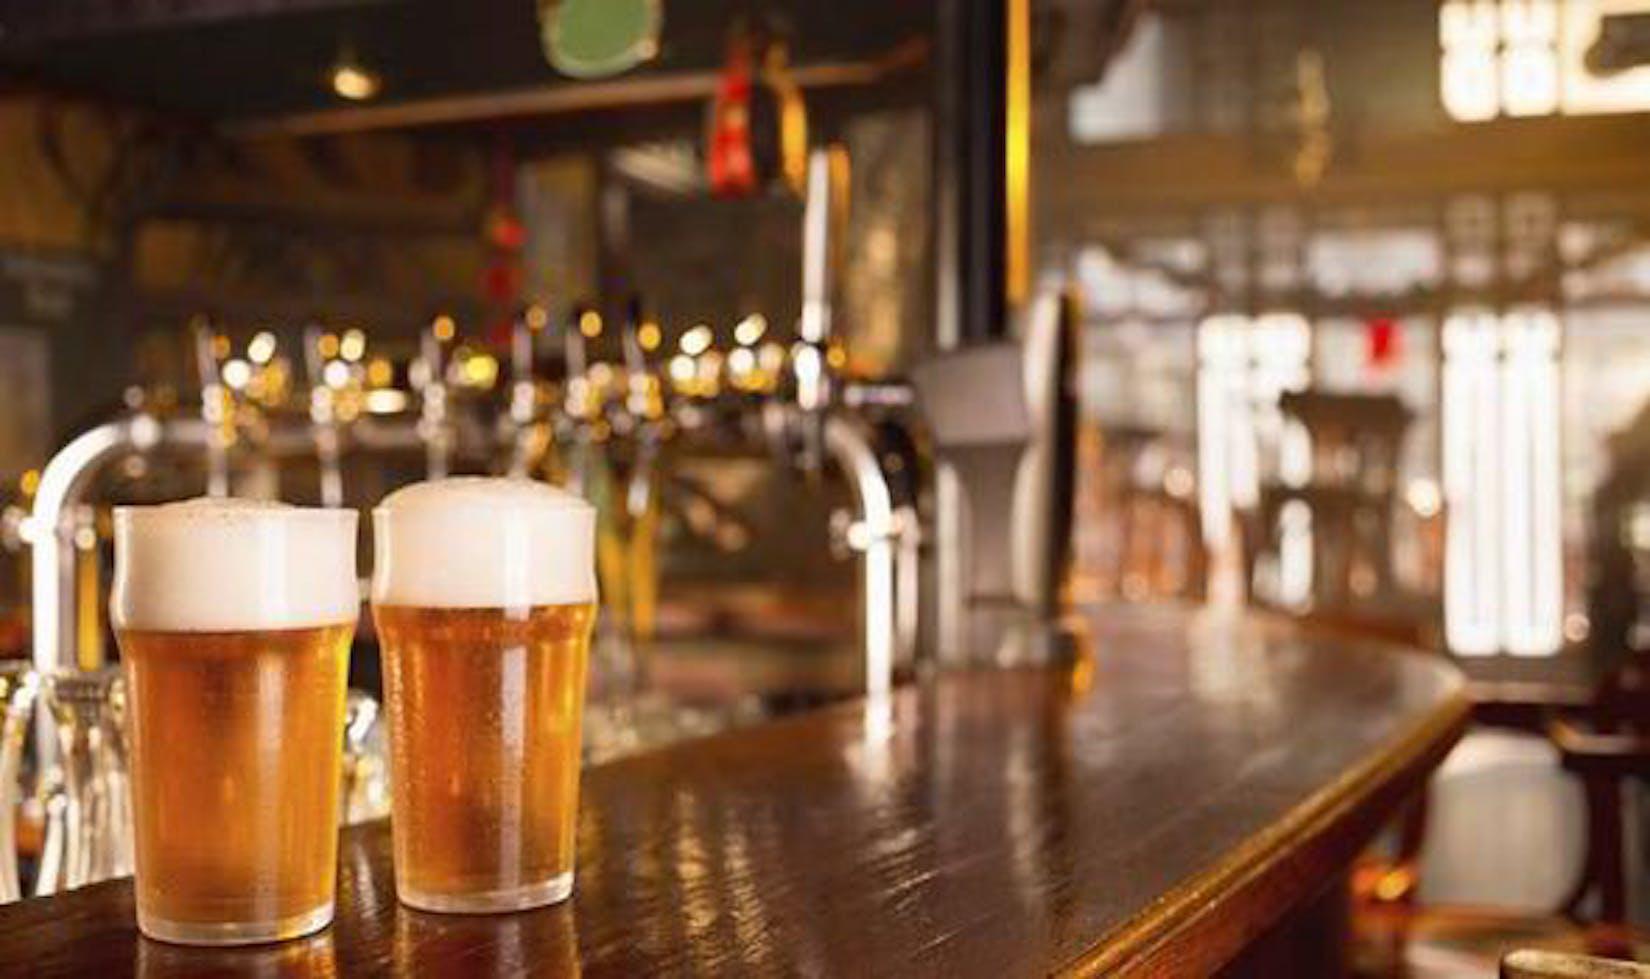 MyittarLan Beer Pub   yathar